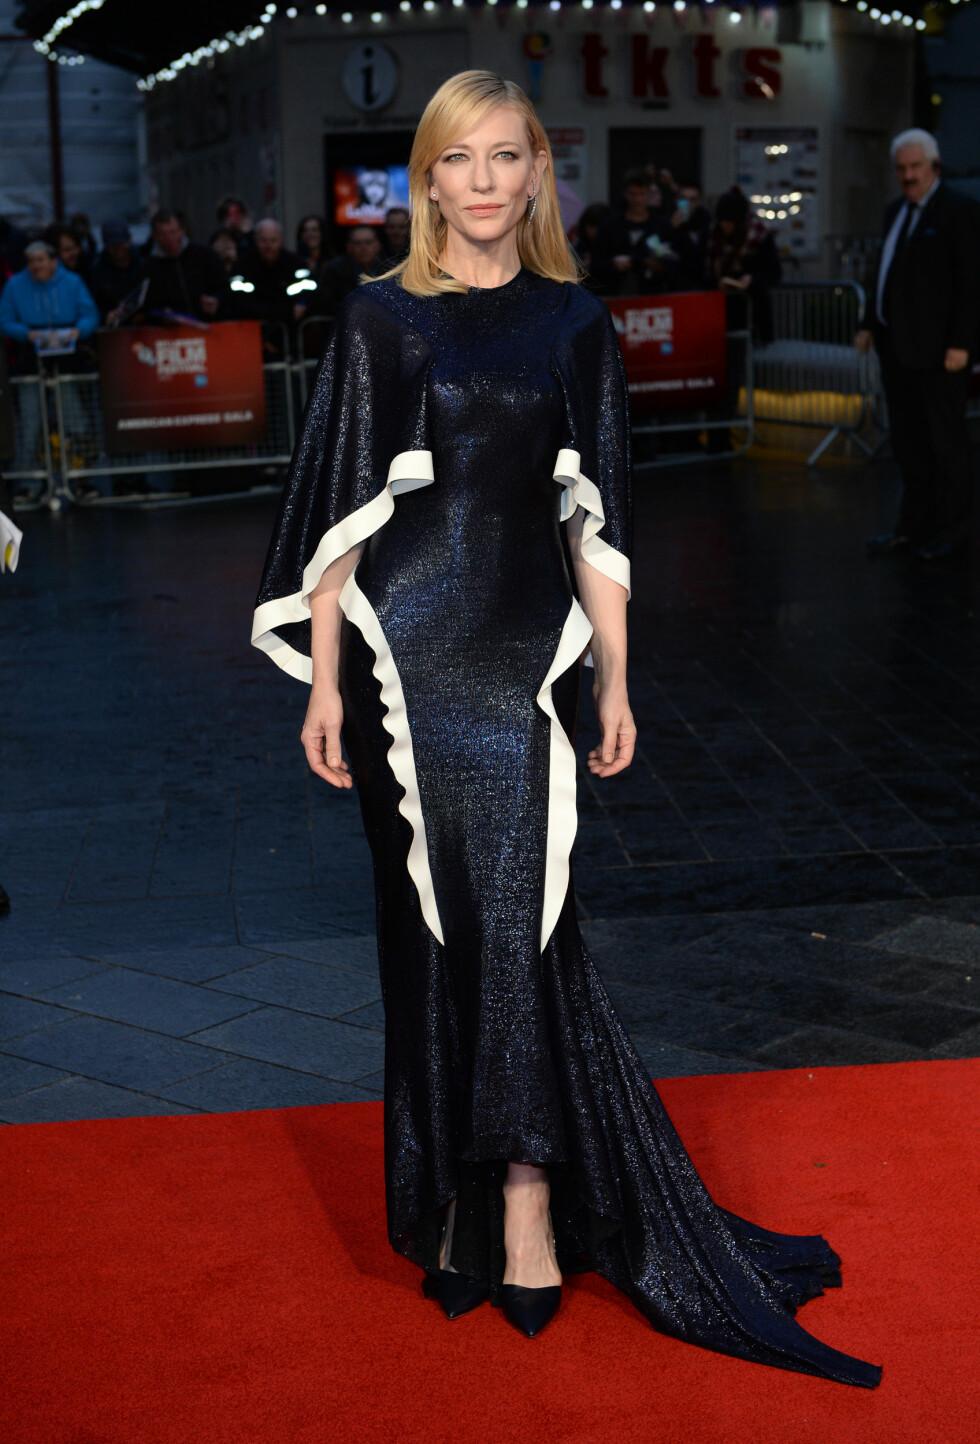 DRAMATISK: Cate Blanchett i en sort og hvit kjole fra Esteban Cortazars kommende vårkolleksjon på «Carol»-premieren. Foto: Pa Photos